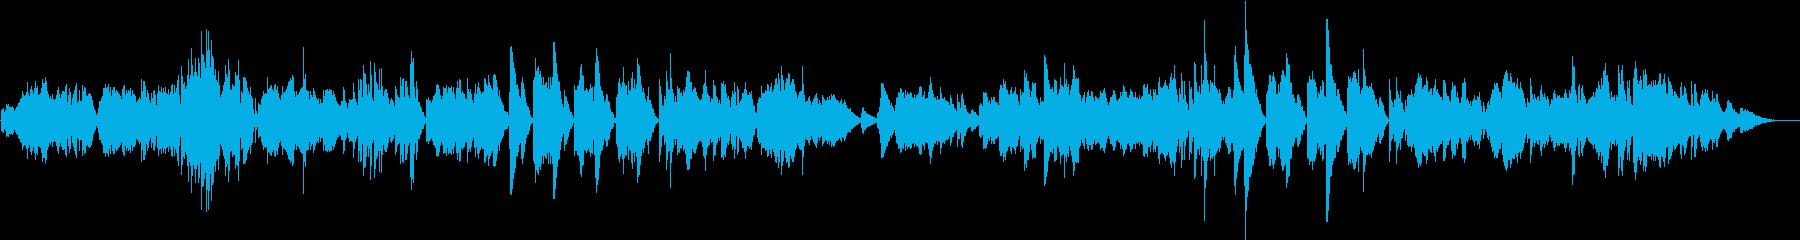 悲しく美しく流れるようなクラシック音楽の再生済みの波形